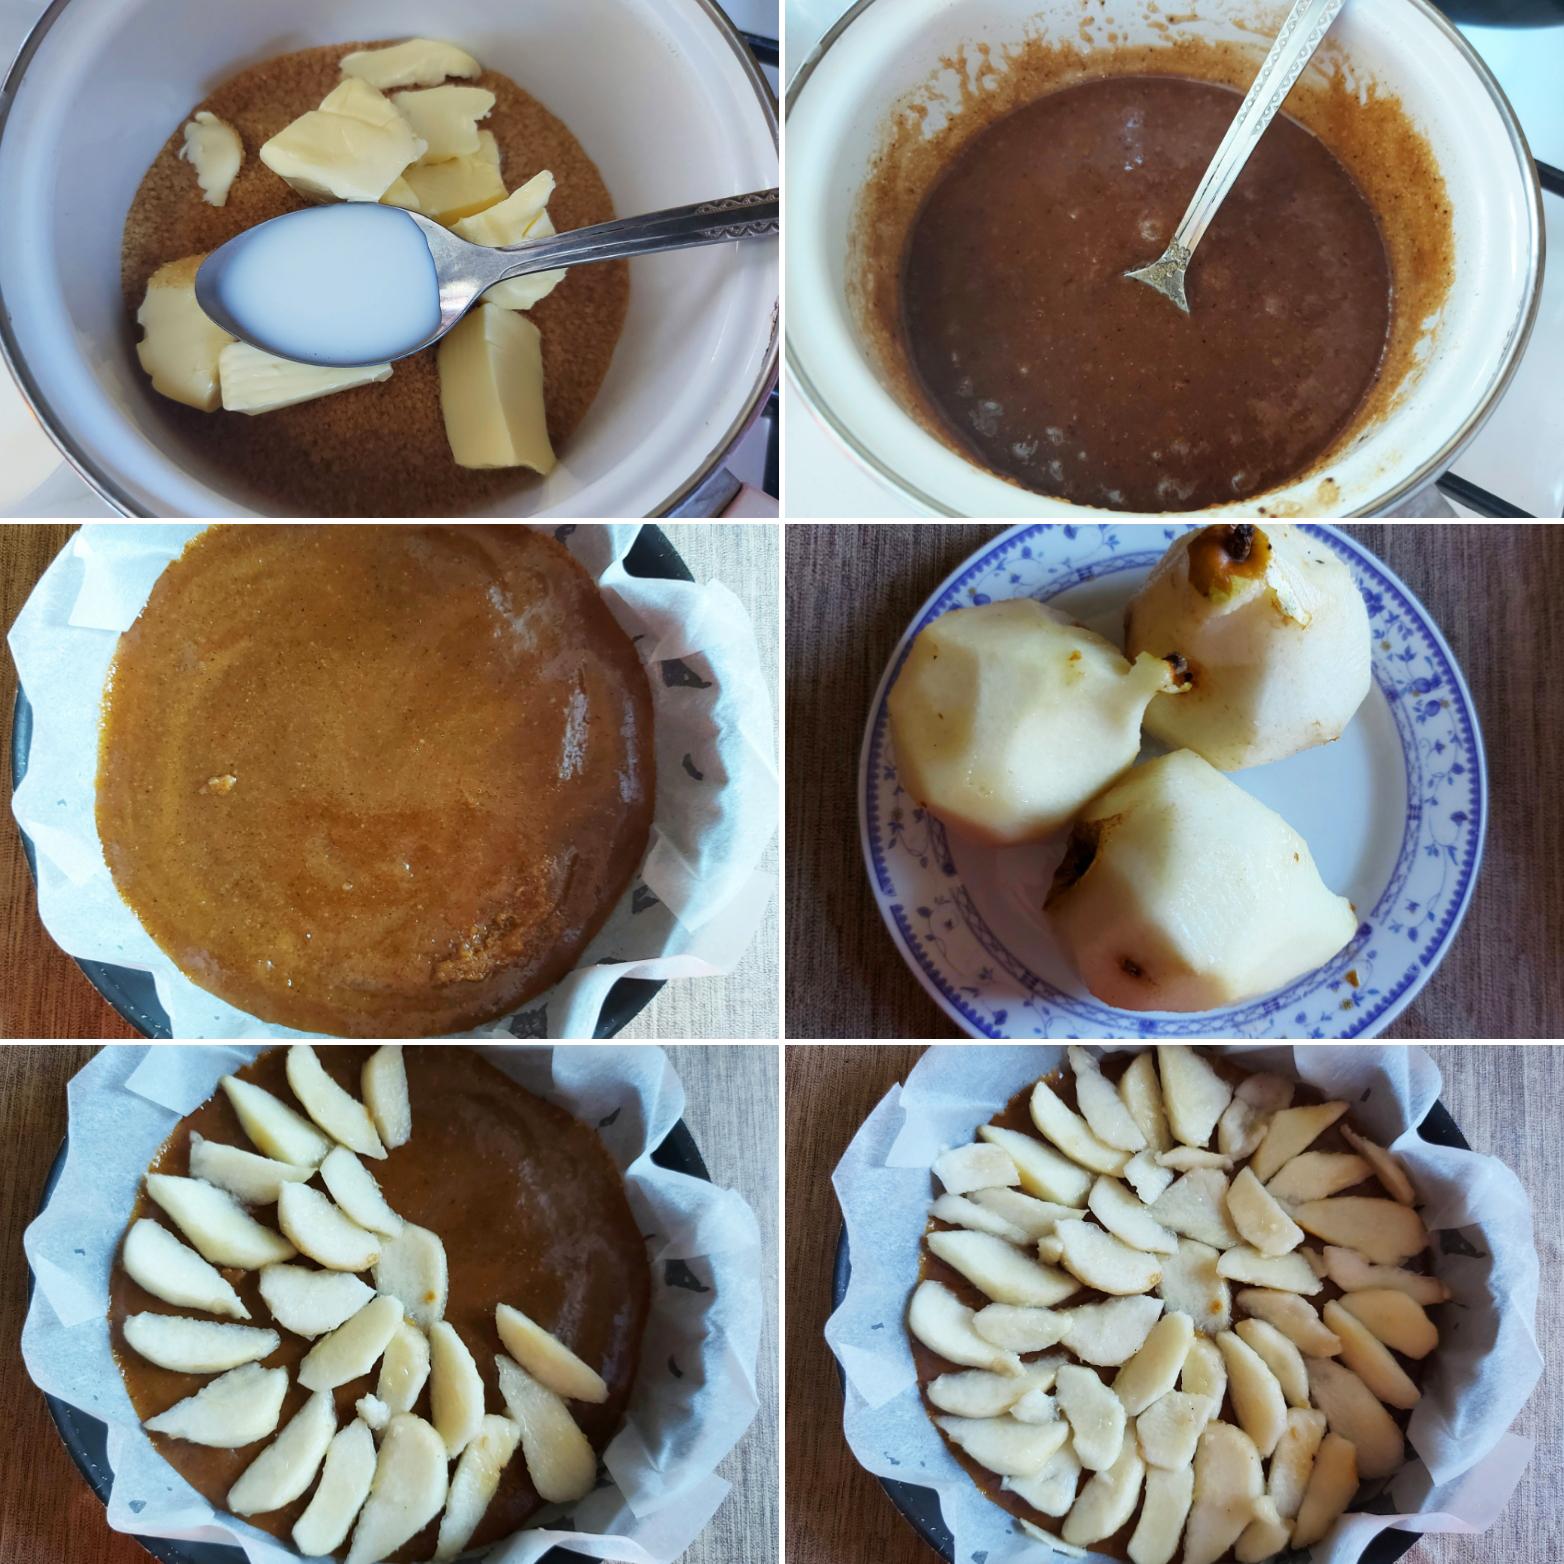 Prevrnuti-kolac-sa-kruskama-i-karamelom-9.jpg